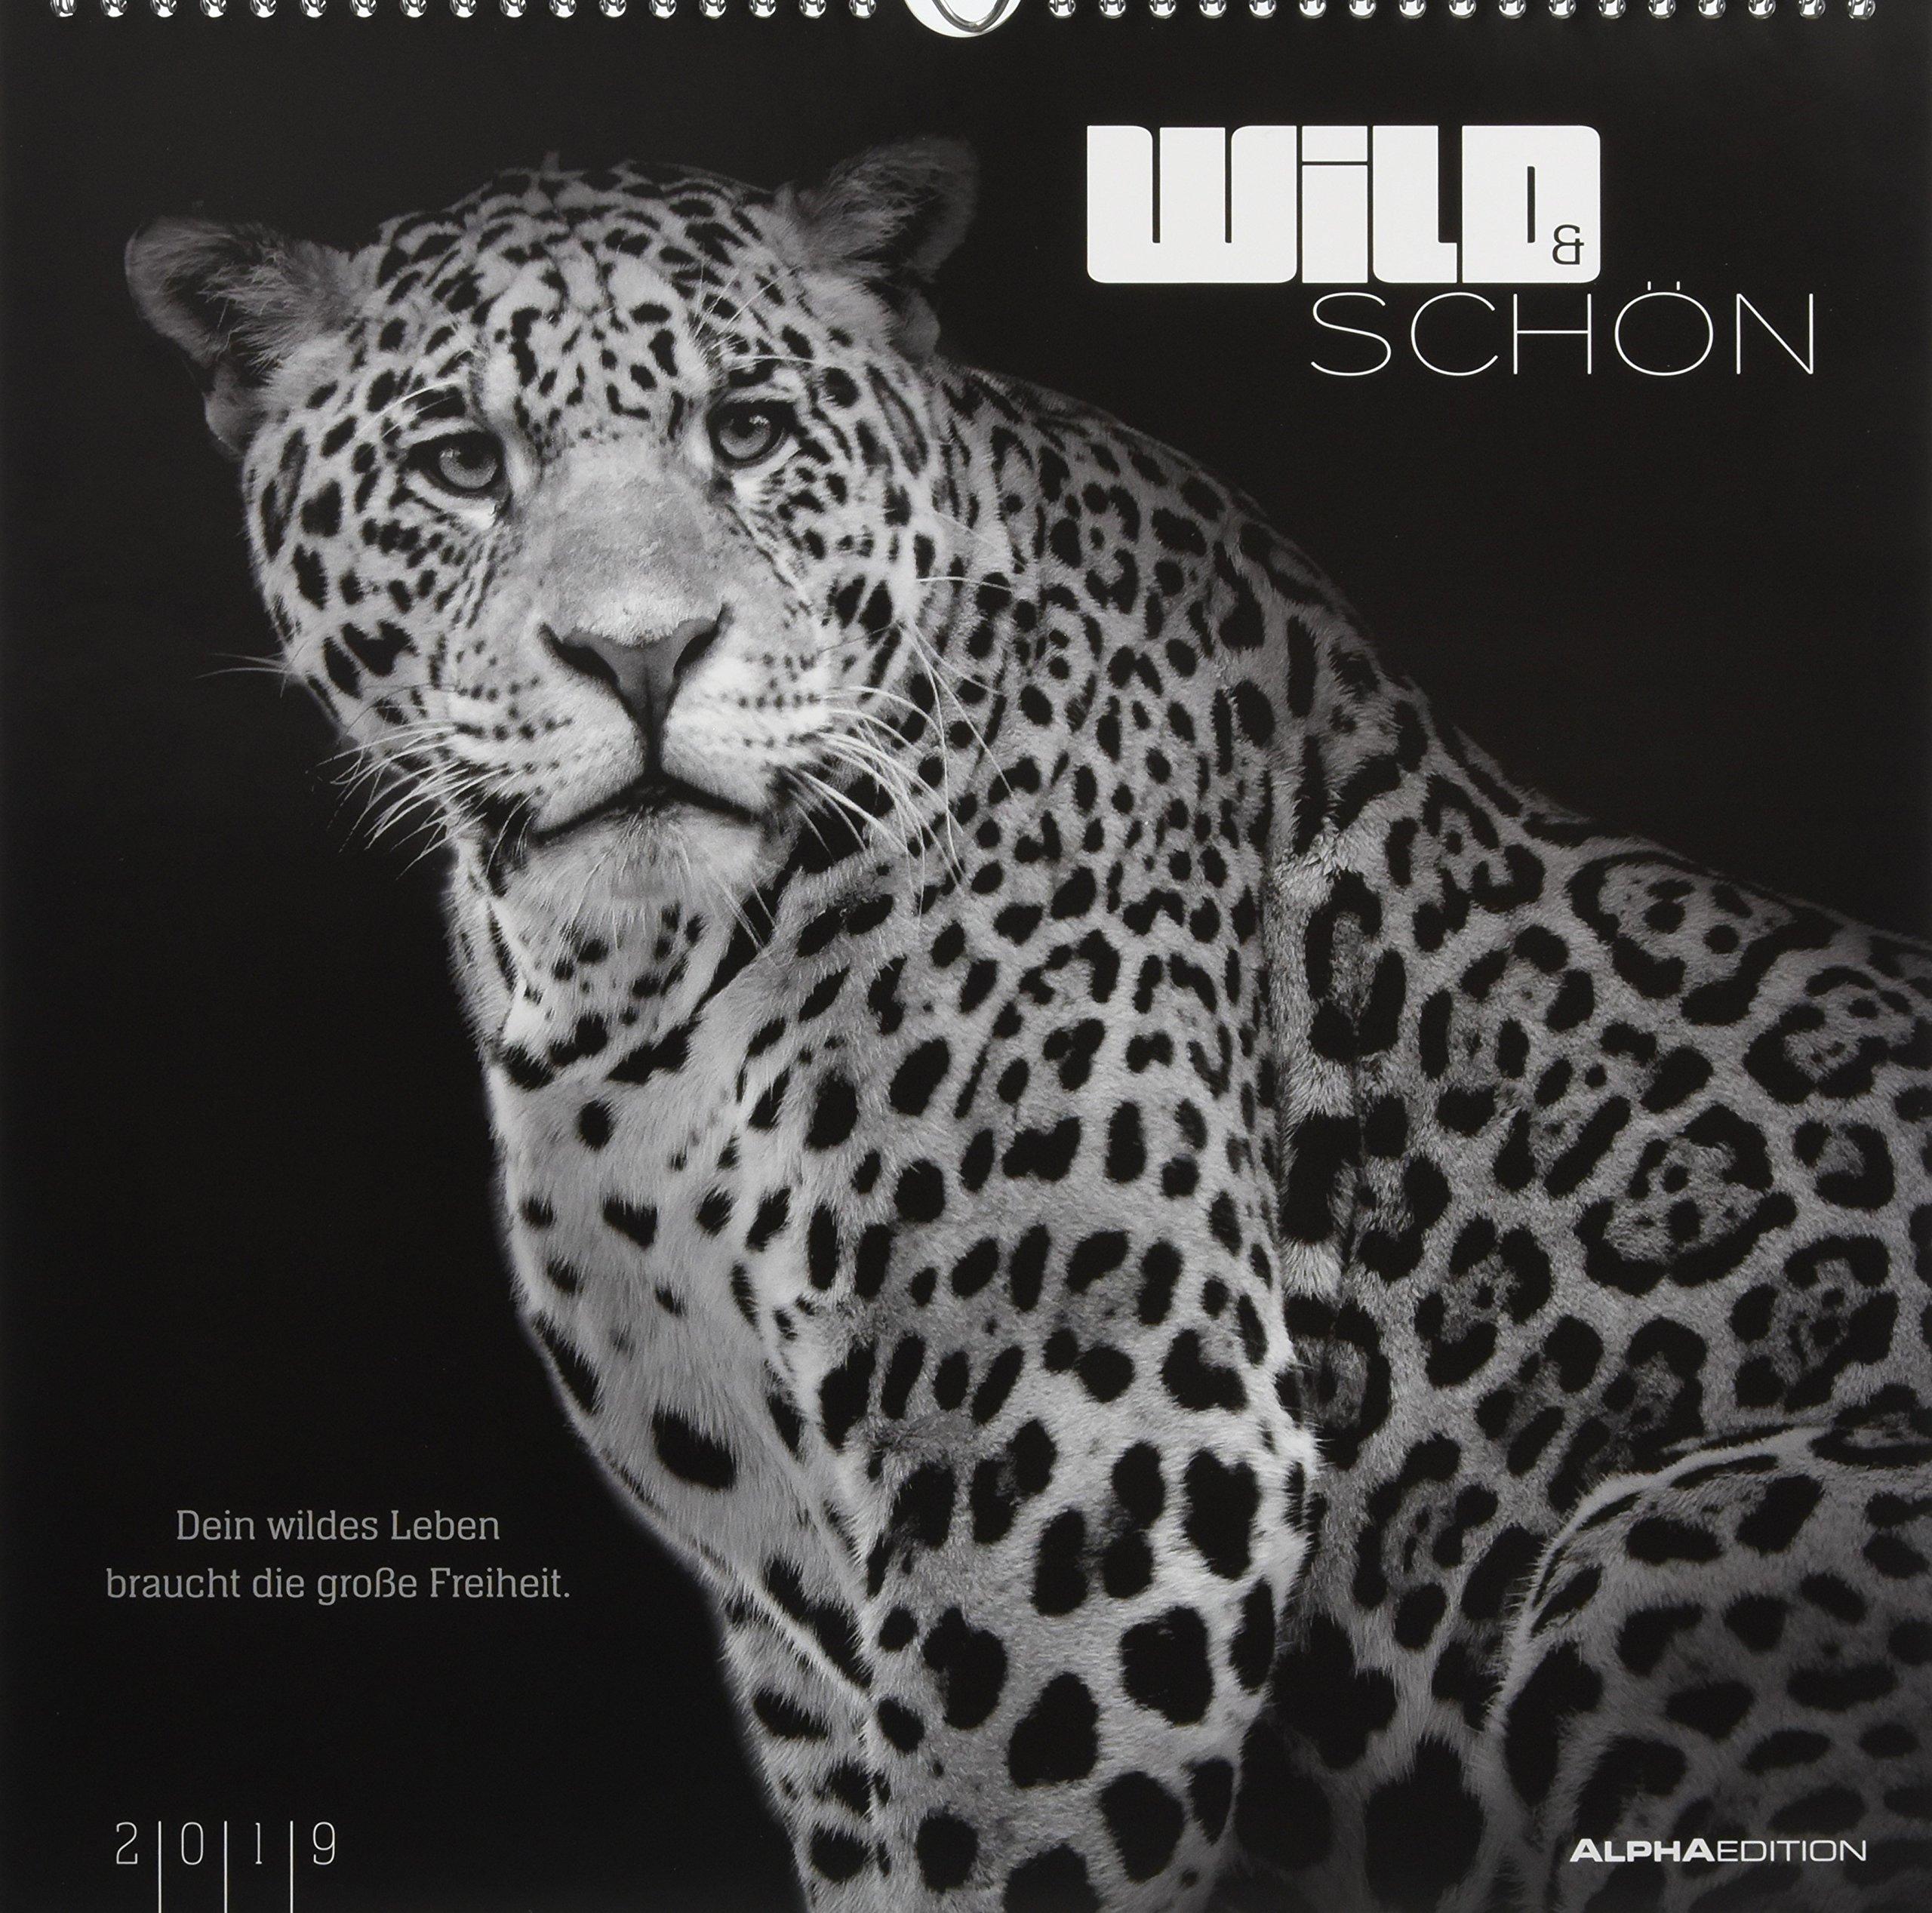 Wild & Schön 2019 - Bildkalender (33 x 33) - Tierkalender - mit Zitaten - Wandkalender Kalender – Posterkalender, Wandkalender Rainer Haak ALPHA EDITION 3840793939 Tiere / Jagen / Angeln